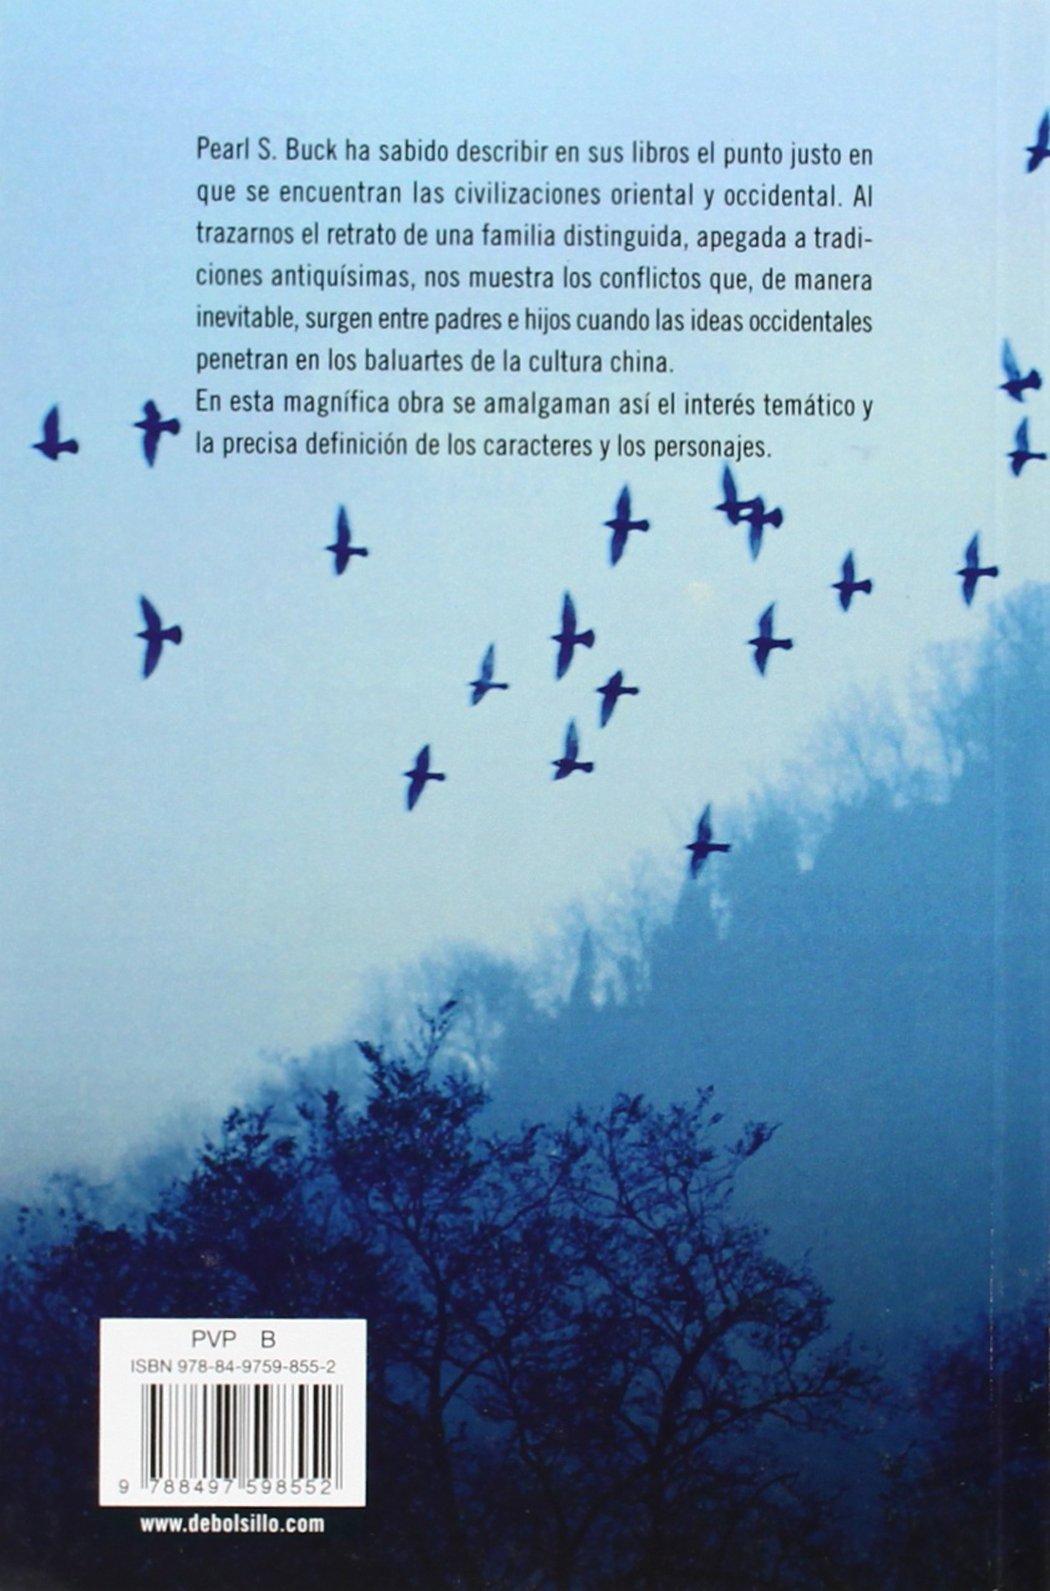 Viento Del Este, Viento Del Oeste/ East Wind, West Wind (Best Seller) (Spanish Edition) by Debolsillo (Image #1)